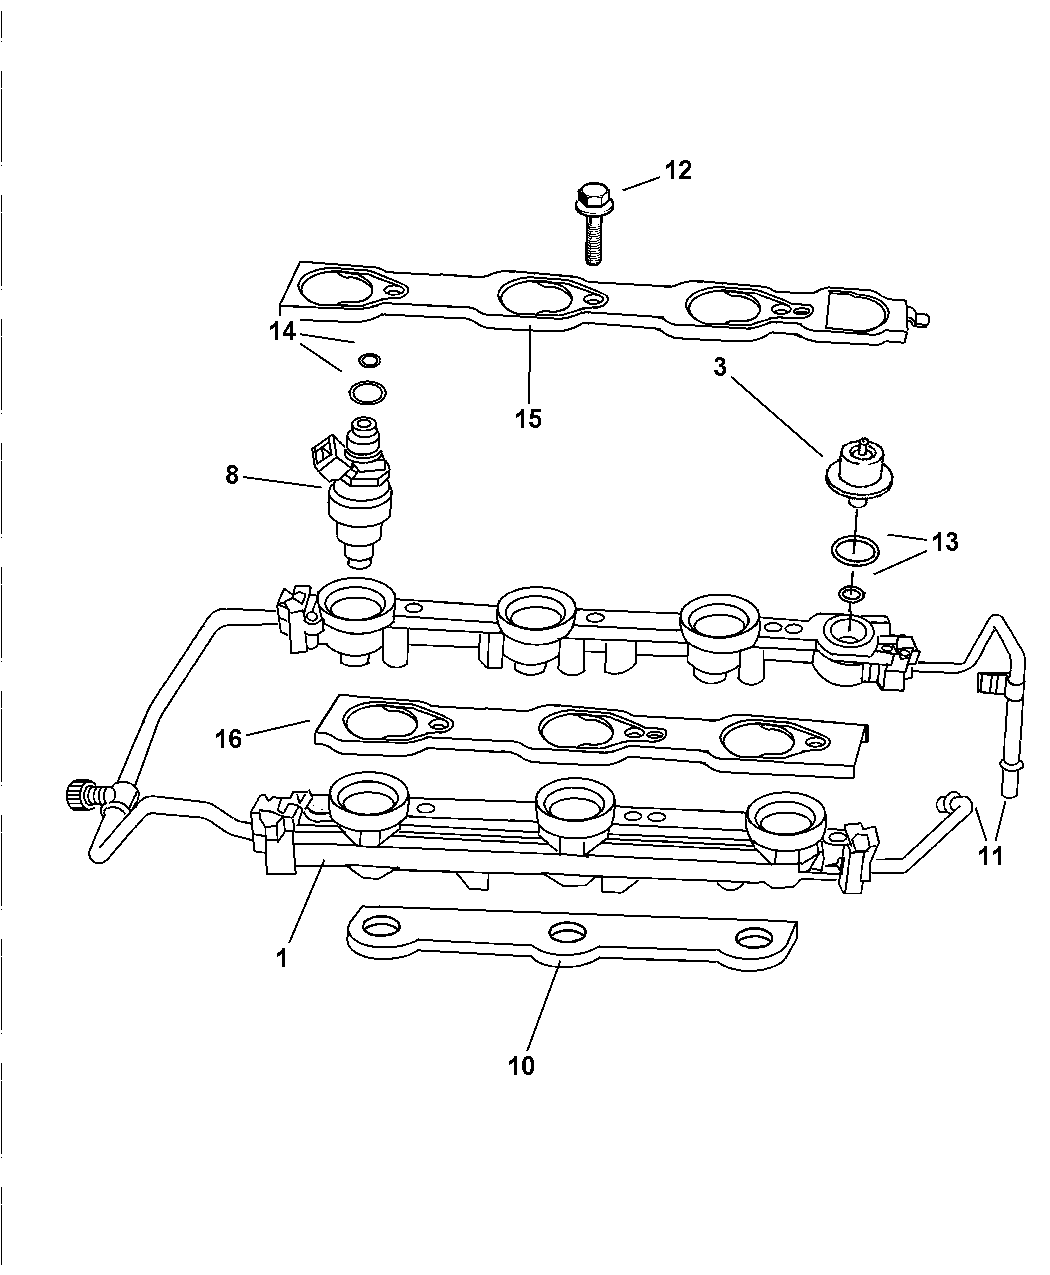 1997 Dodge Intrepid Fuel Rail - Mopar Parts Giant